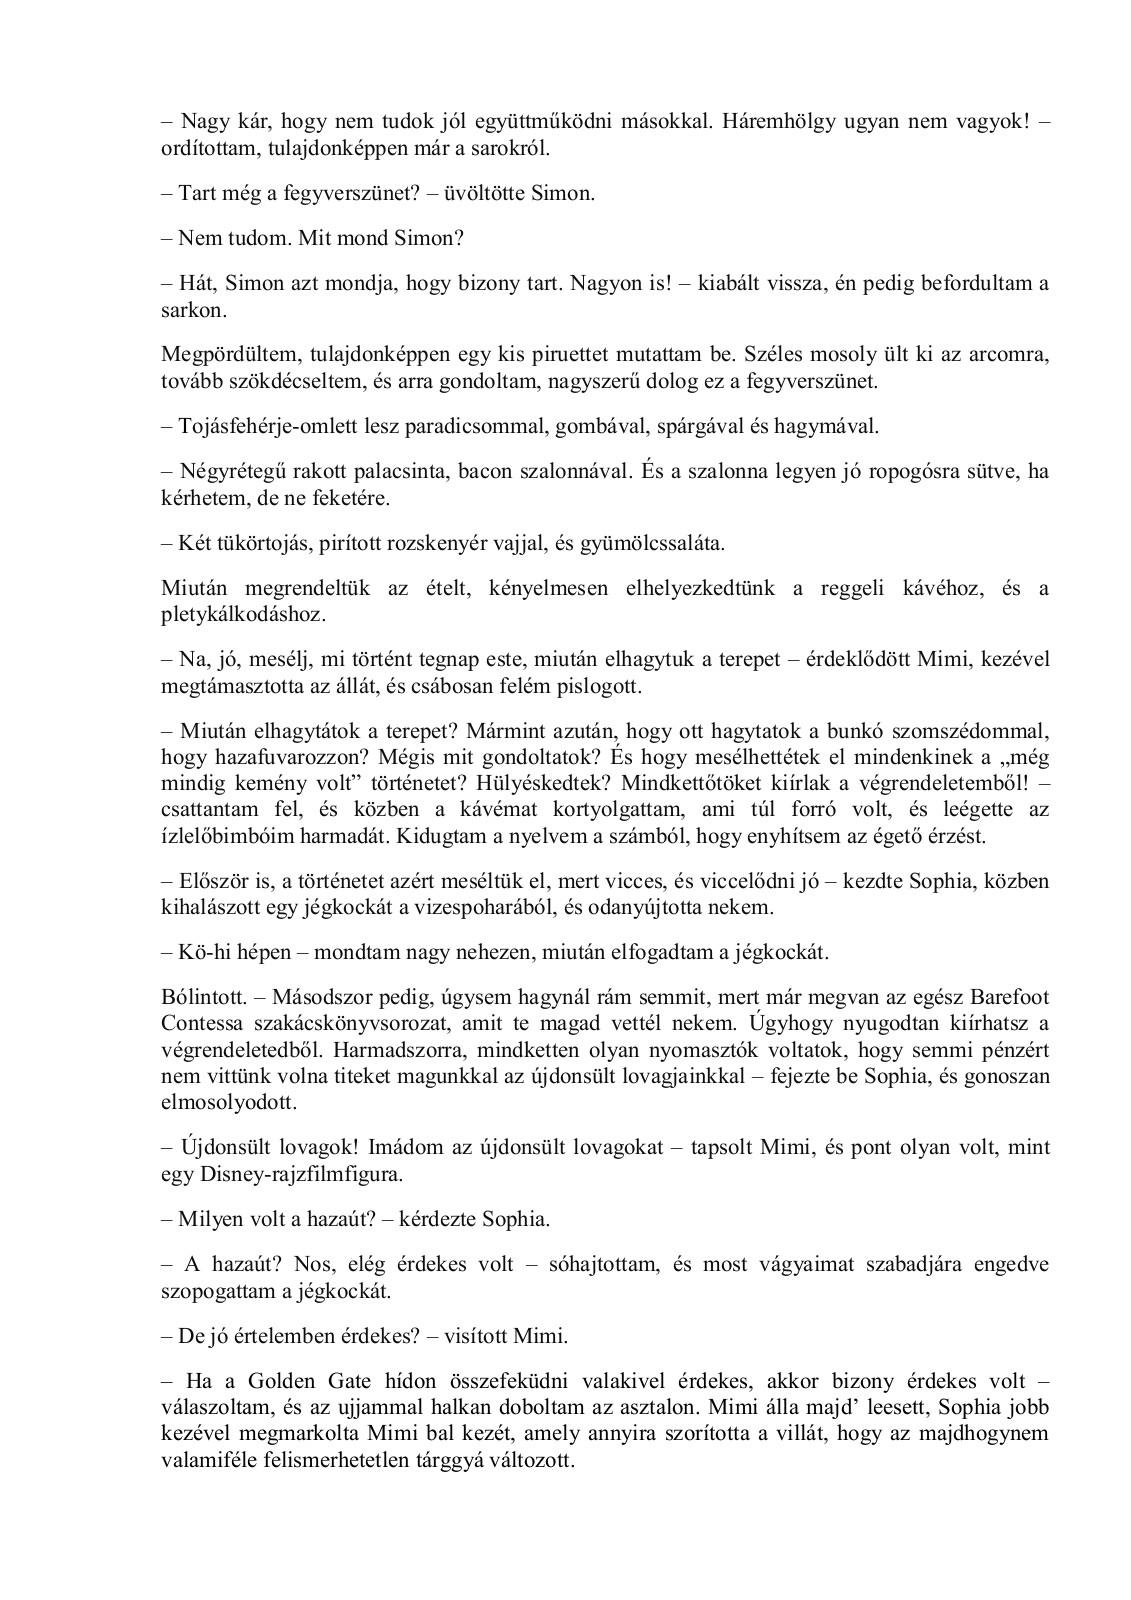 Az összenyomás módszere | Maszturbáláviaduktnyelviskola.hu